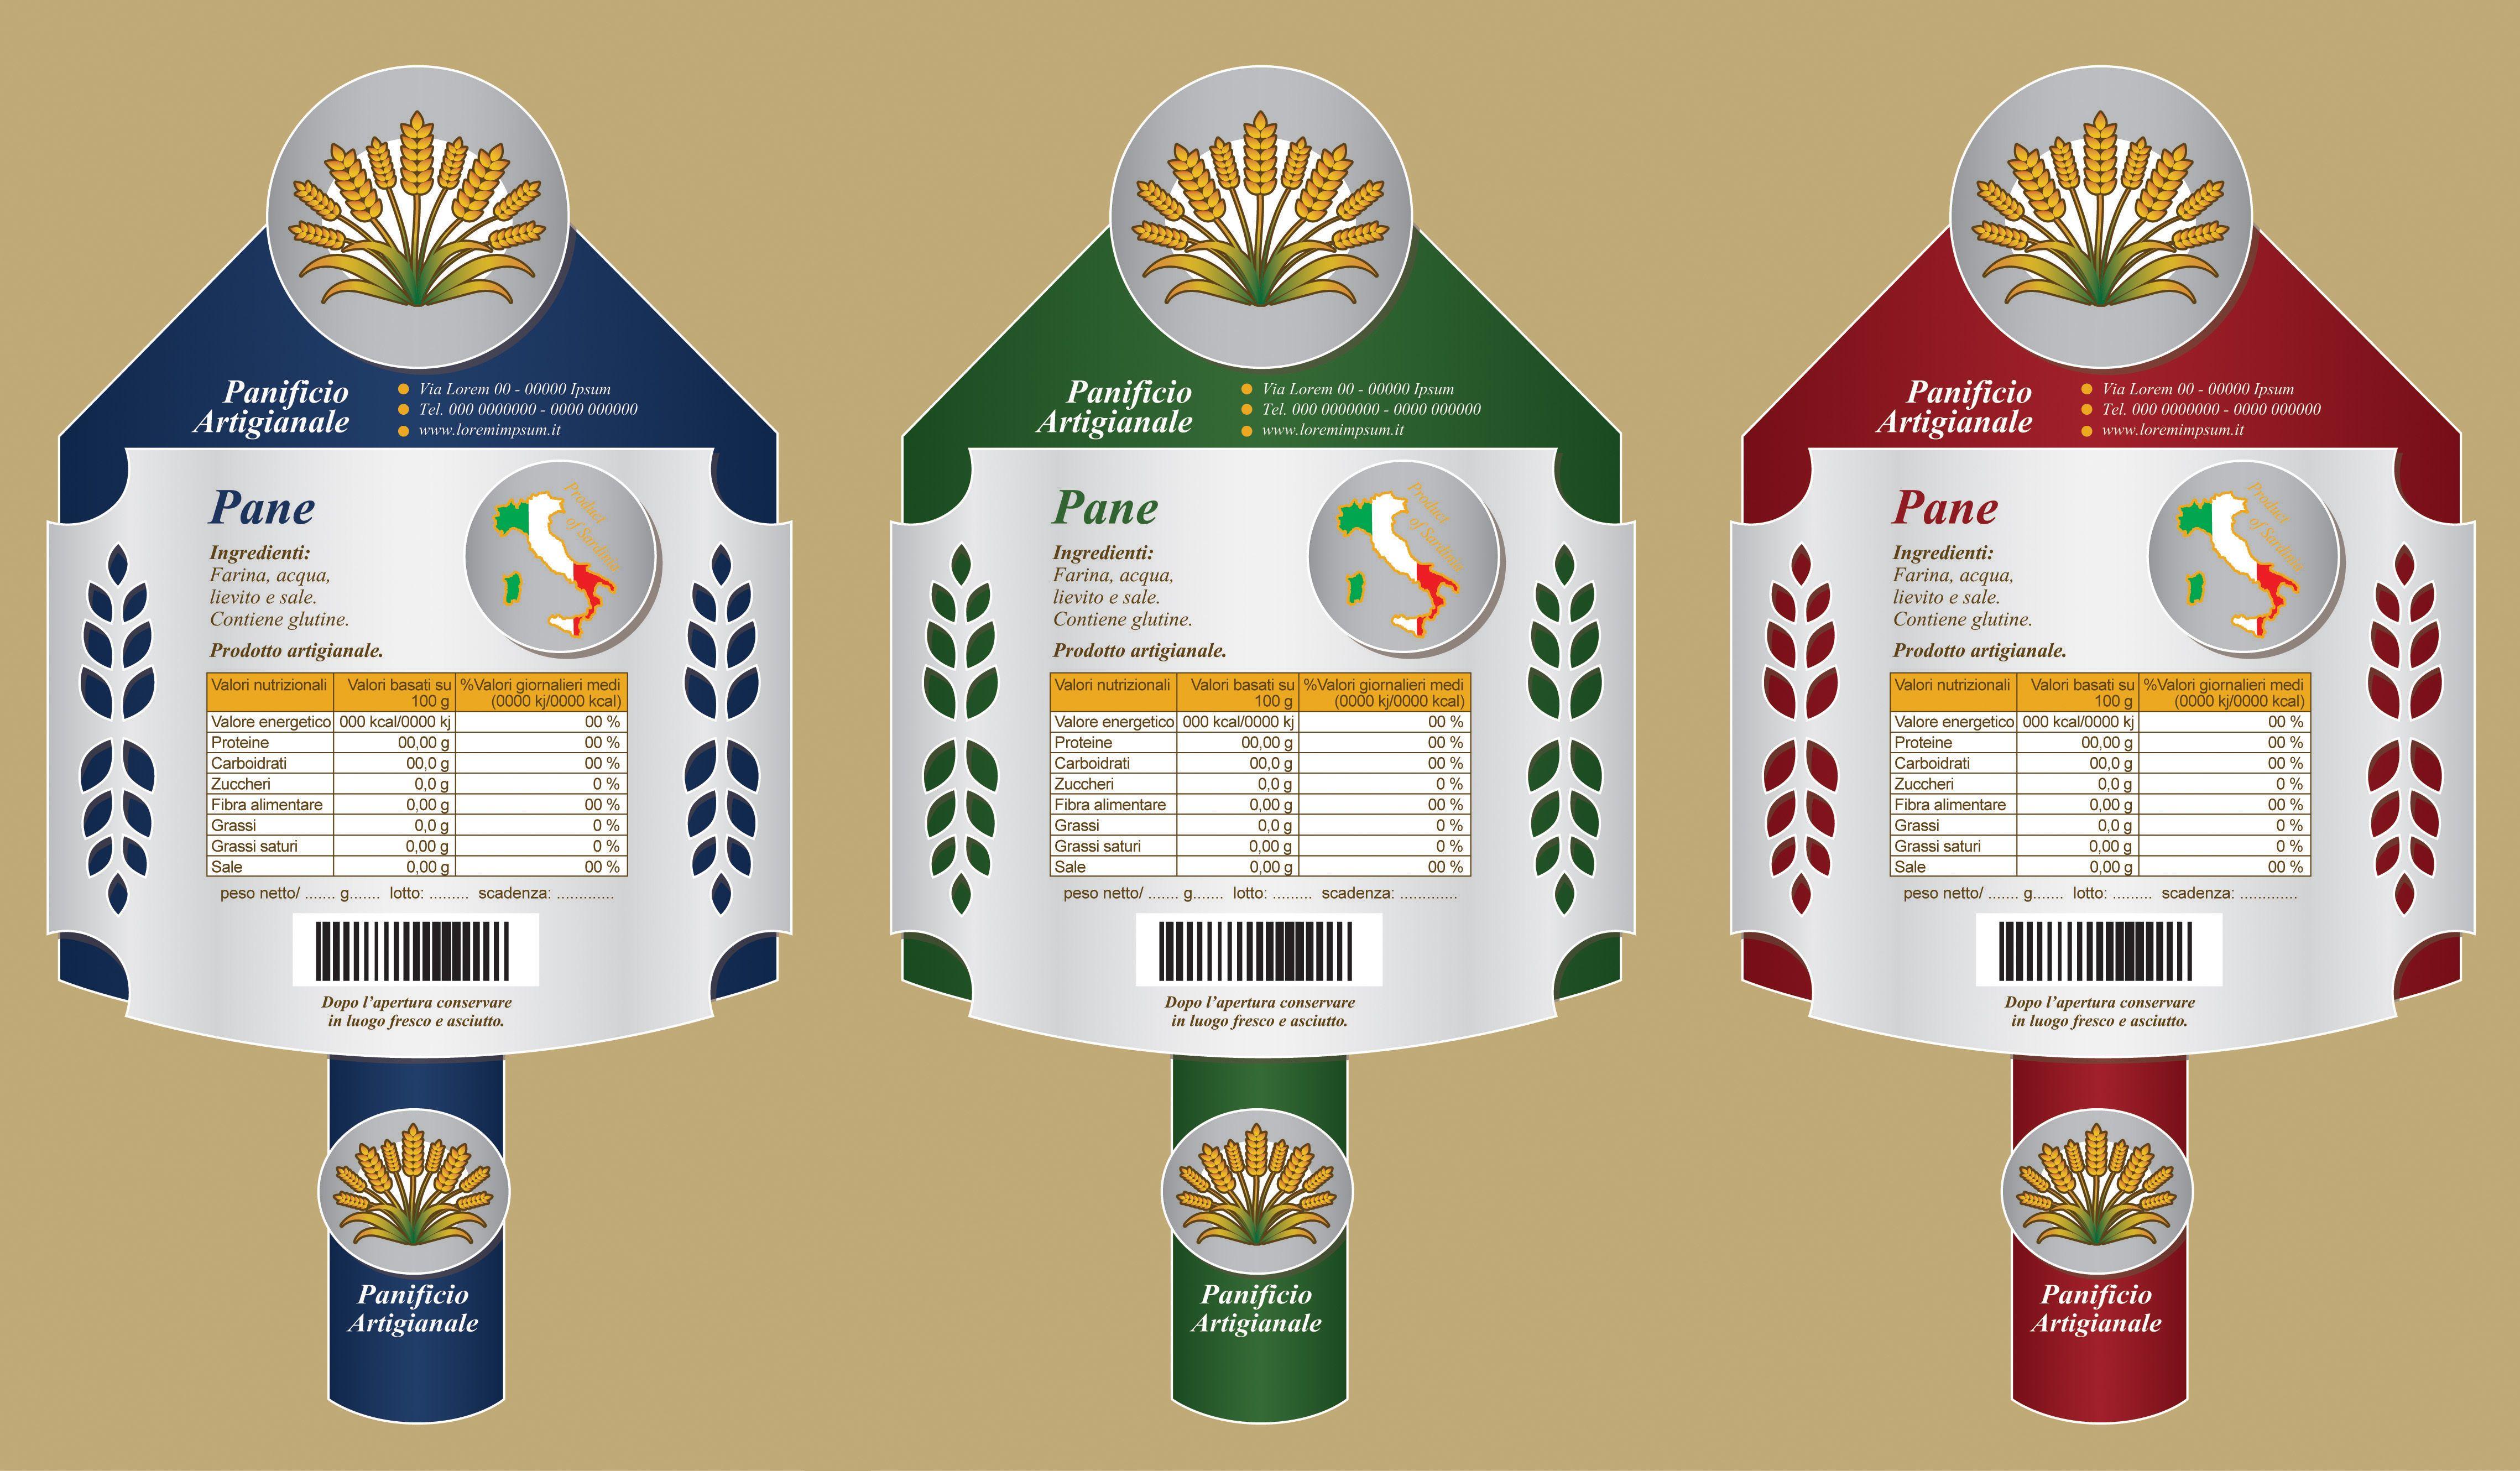 Bozza Etichetta Panificio 7 - Varianti. Bozza grafica etichetta per pane carasau, guttiau e integrale. #giuliabasolugrafica #graphic #illustration #drawing #illustrator #digitalart #vector #label #bakery #breadshop